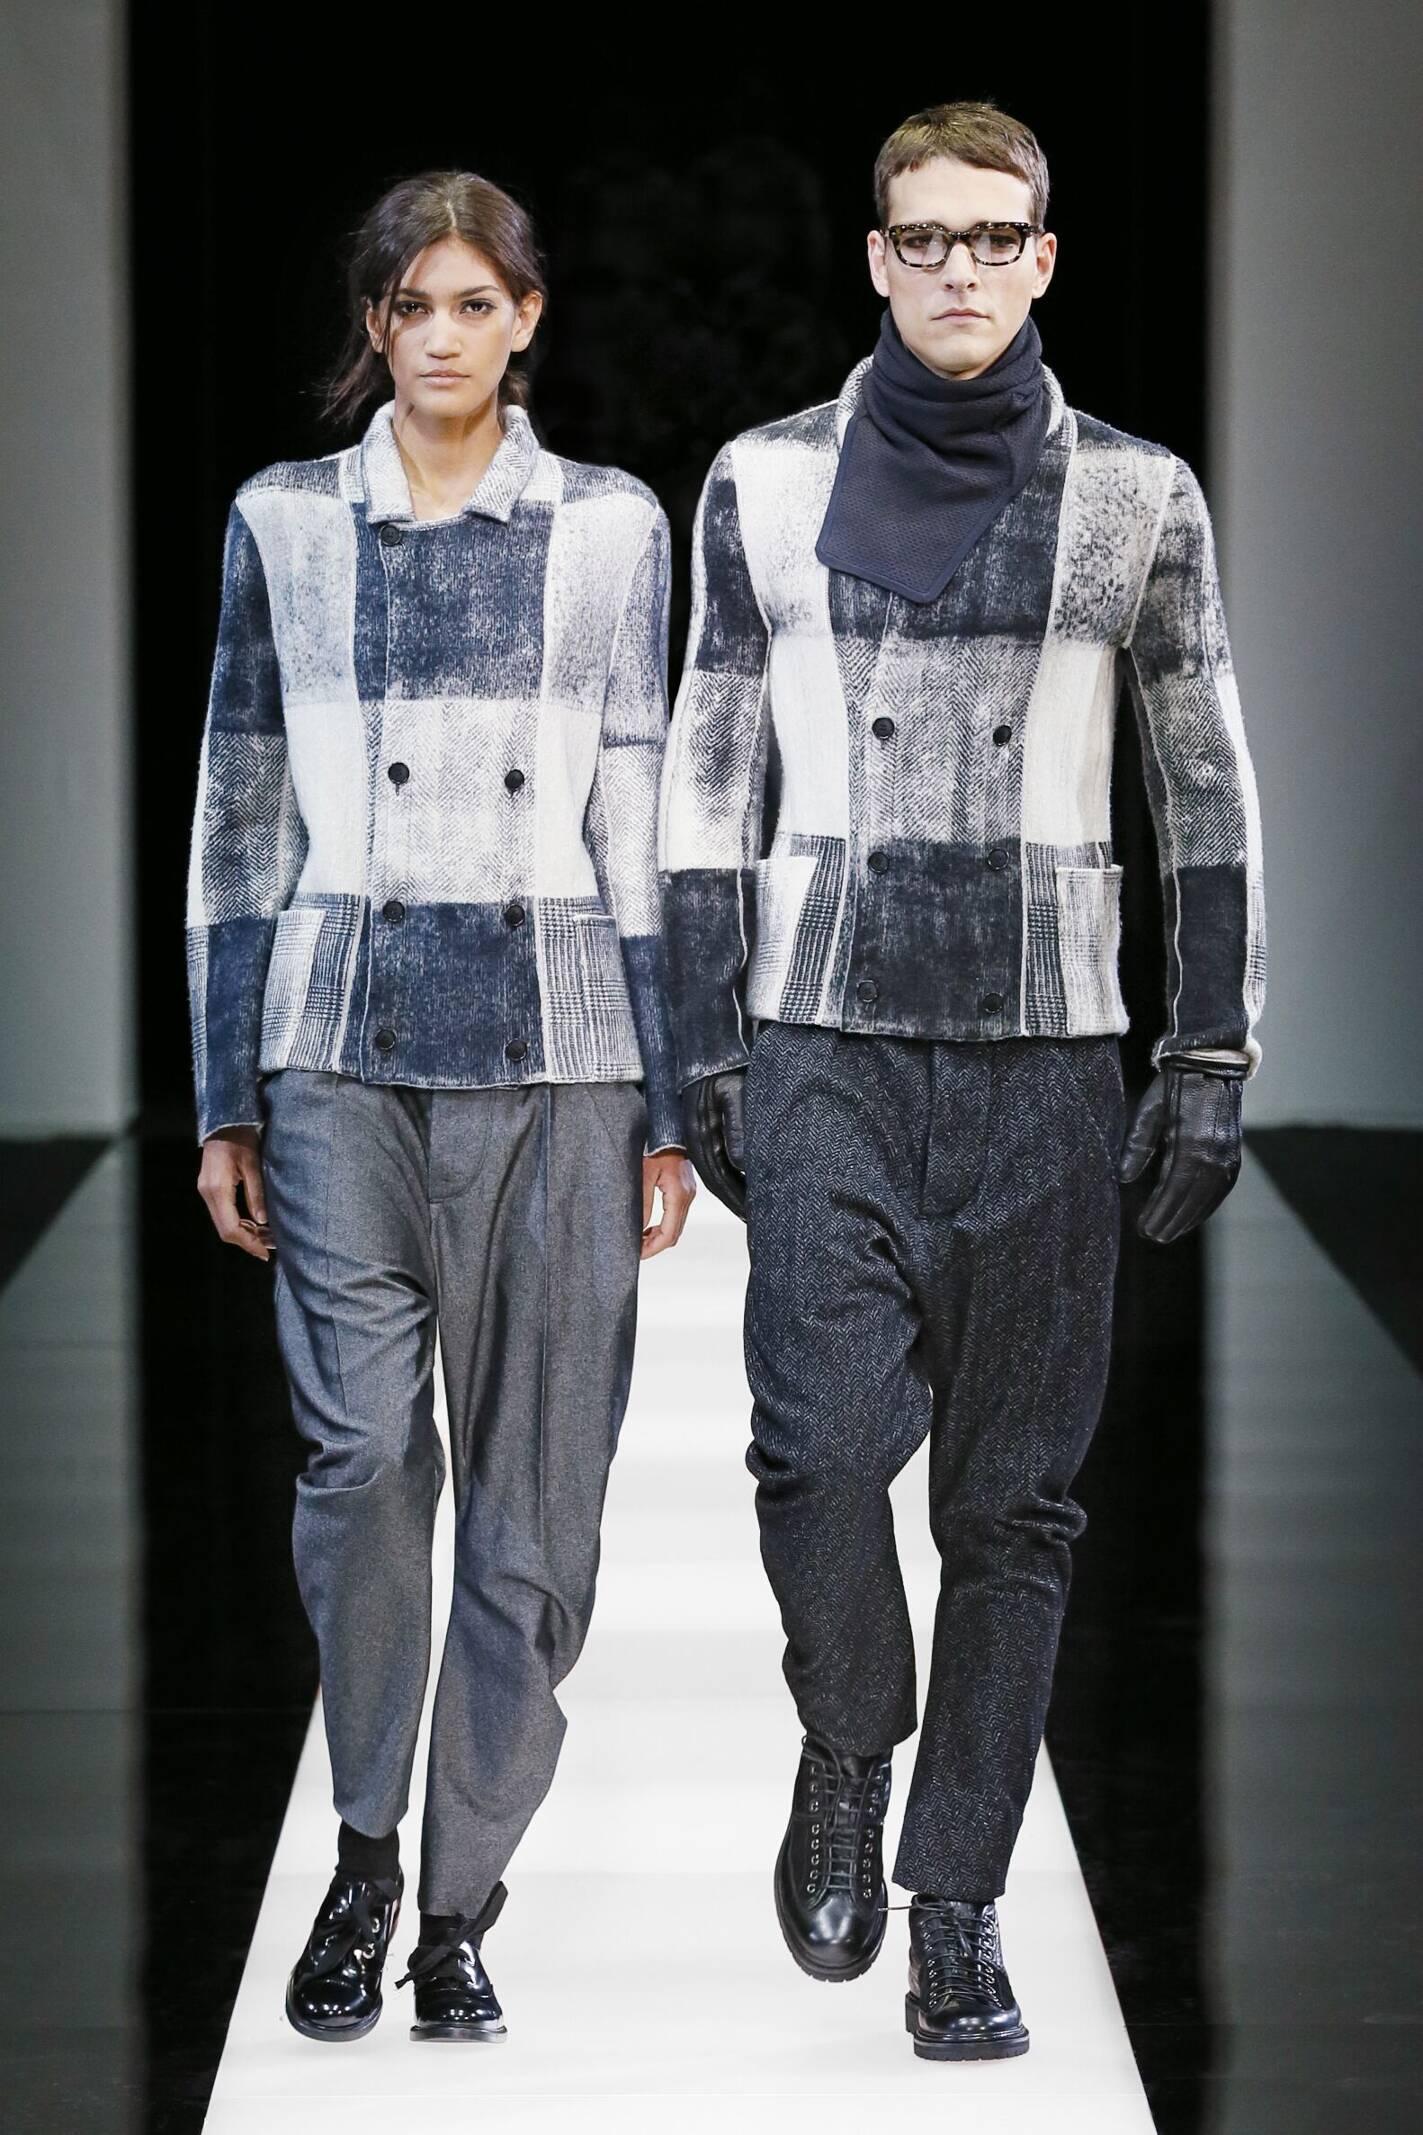 96399ce9a40 Winter Trends 2015 Giorgio Armani Collection